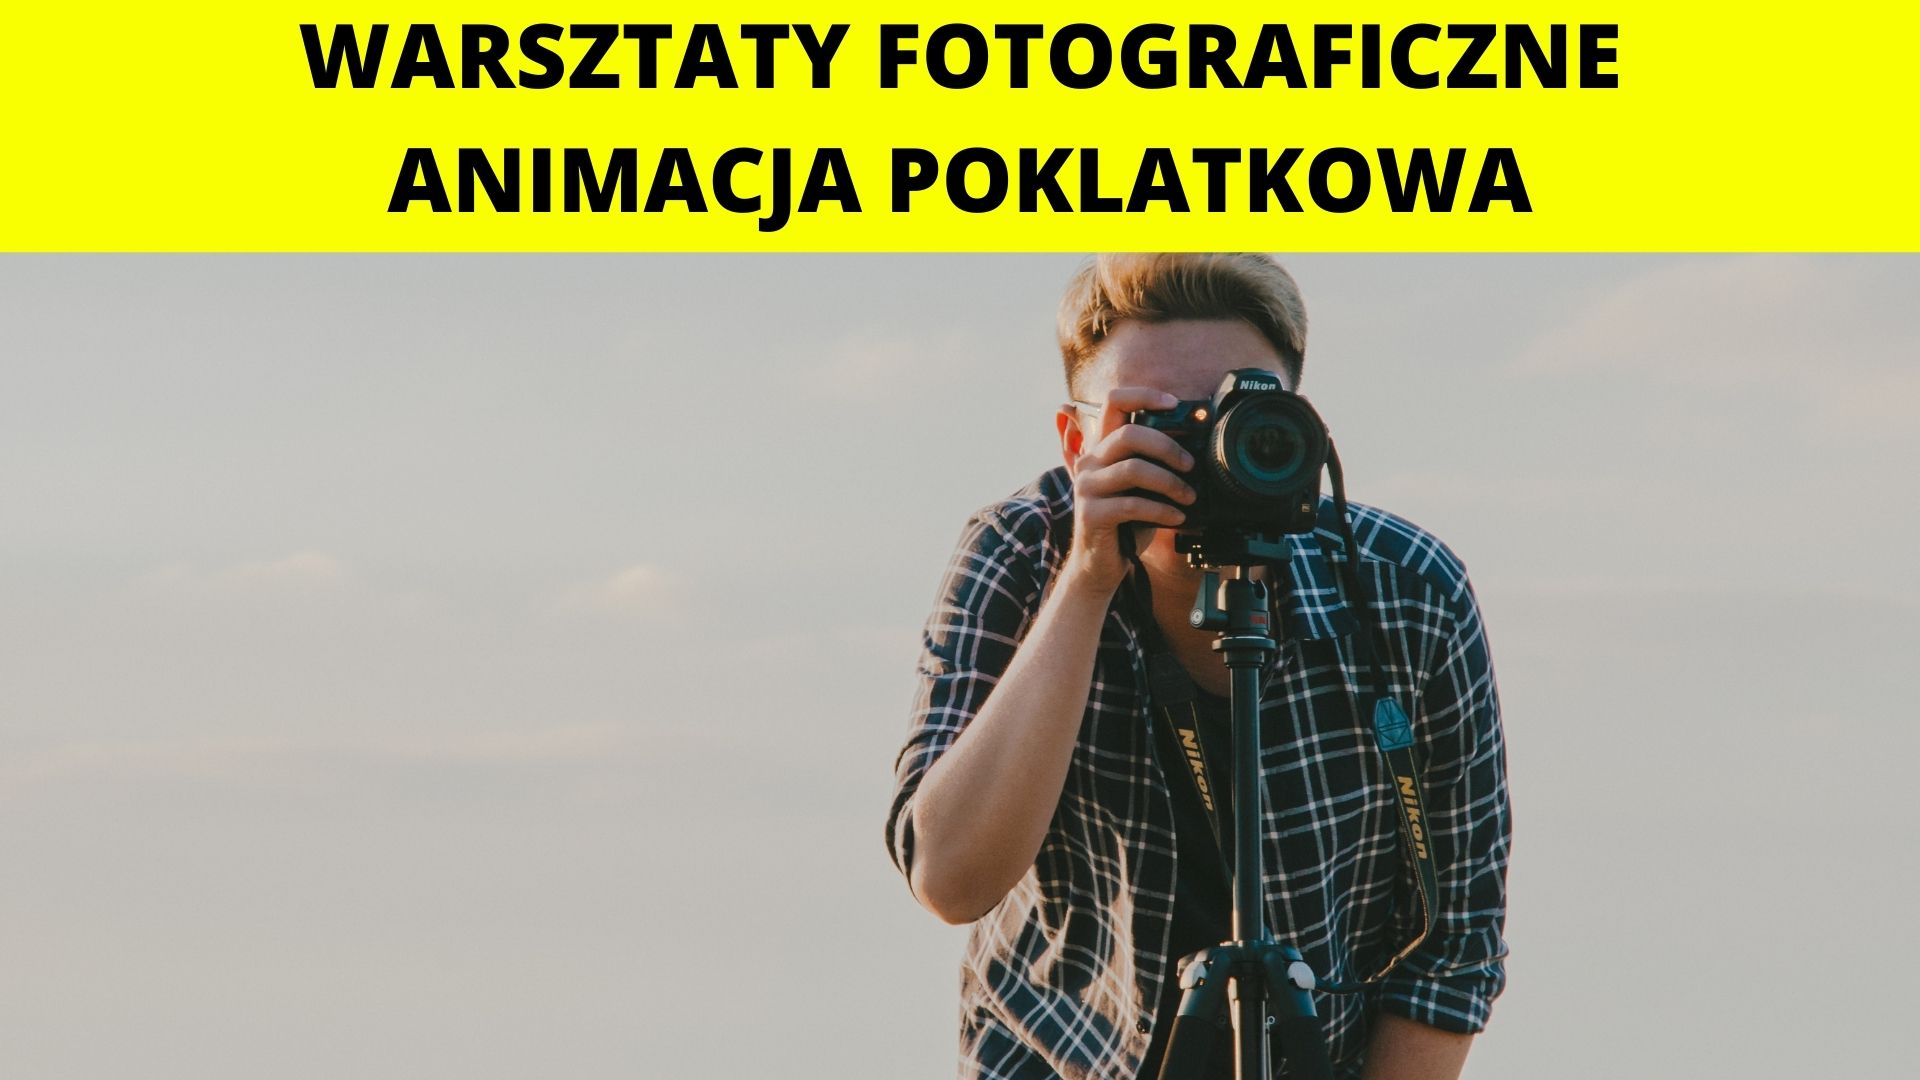 Animacja Poklatkowa - Warsztaty fotograficzne